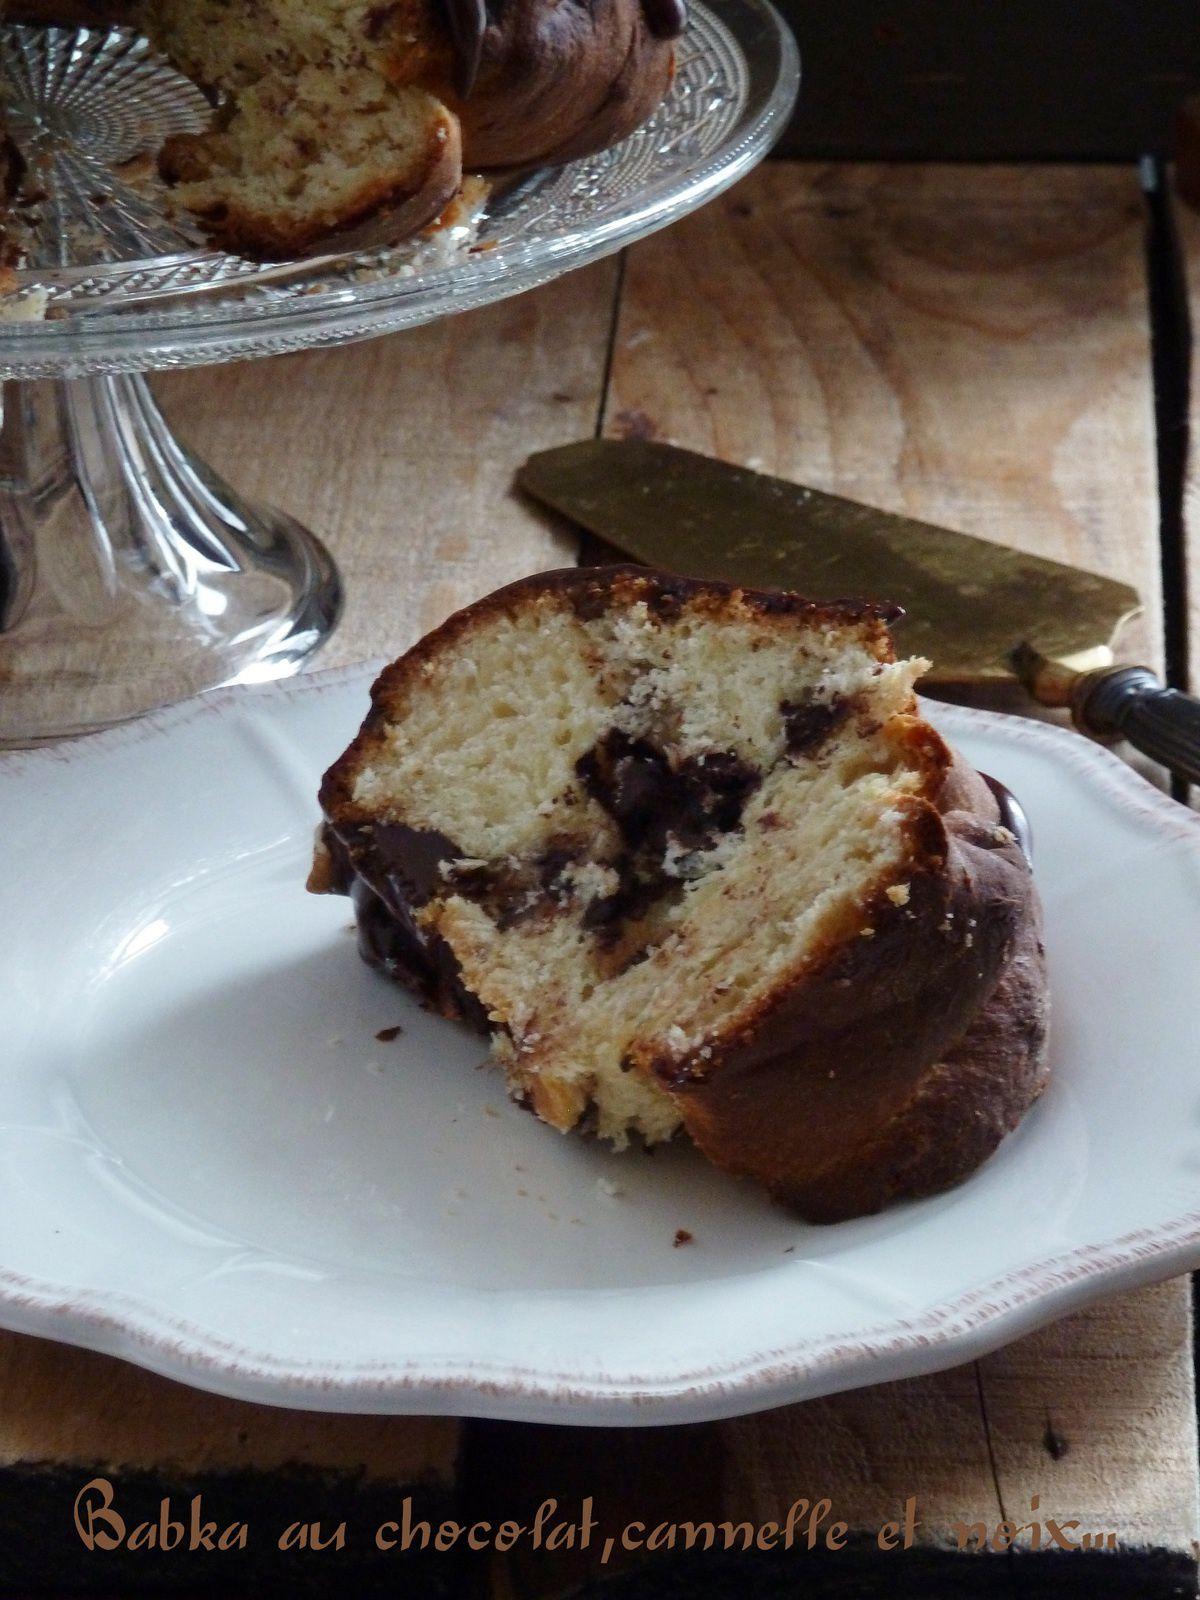 Babka au chocolat, cannelle et noix